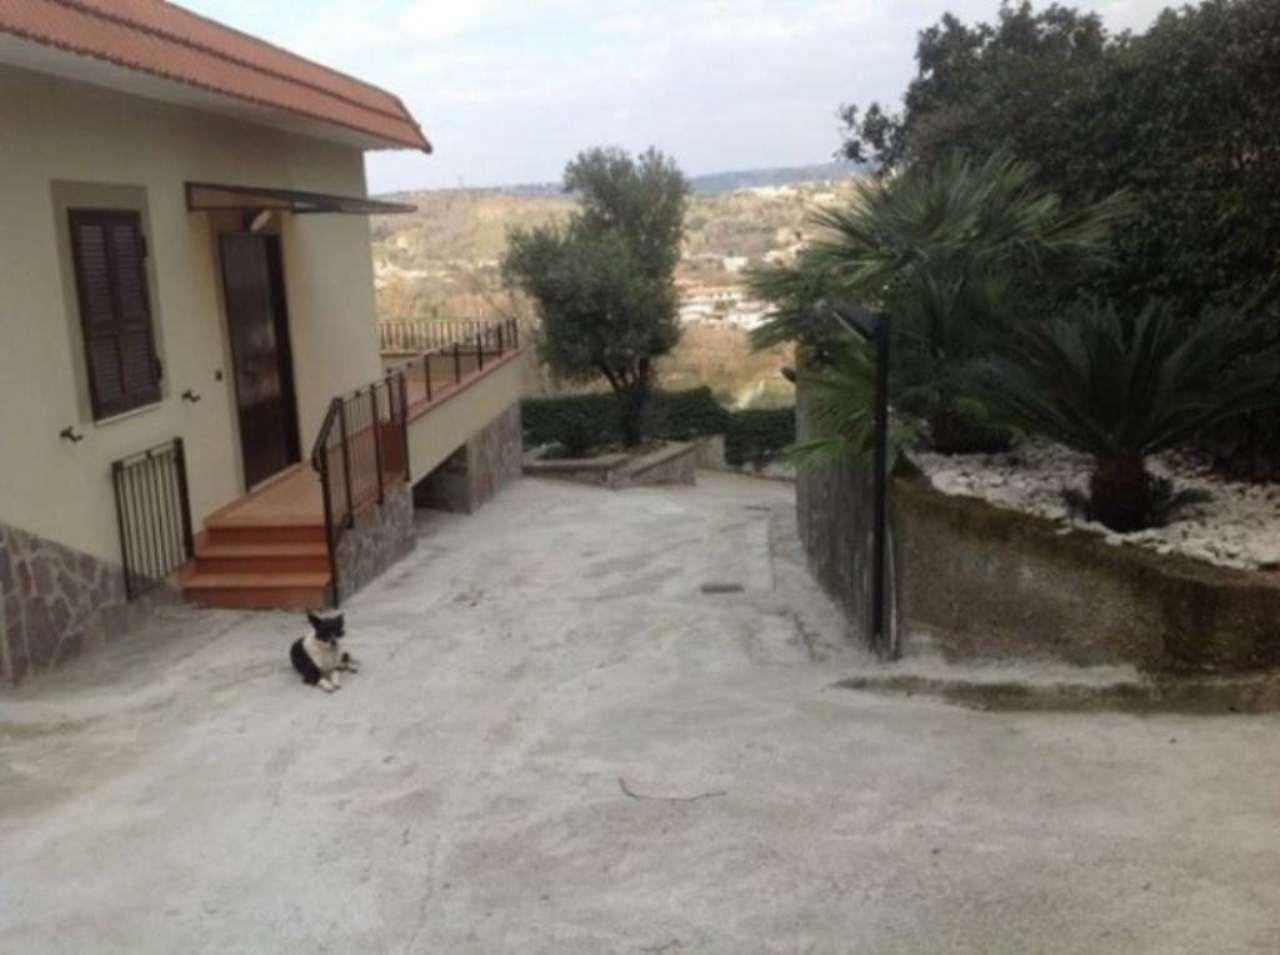 Soluzione Indipendente in affitto a Pozzuoli, 3 locali, prezzo € 900 | Cambio Casa.it